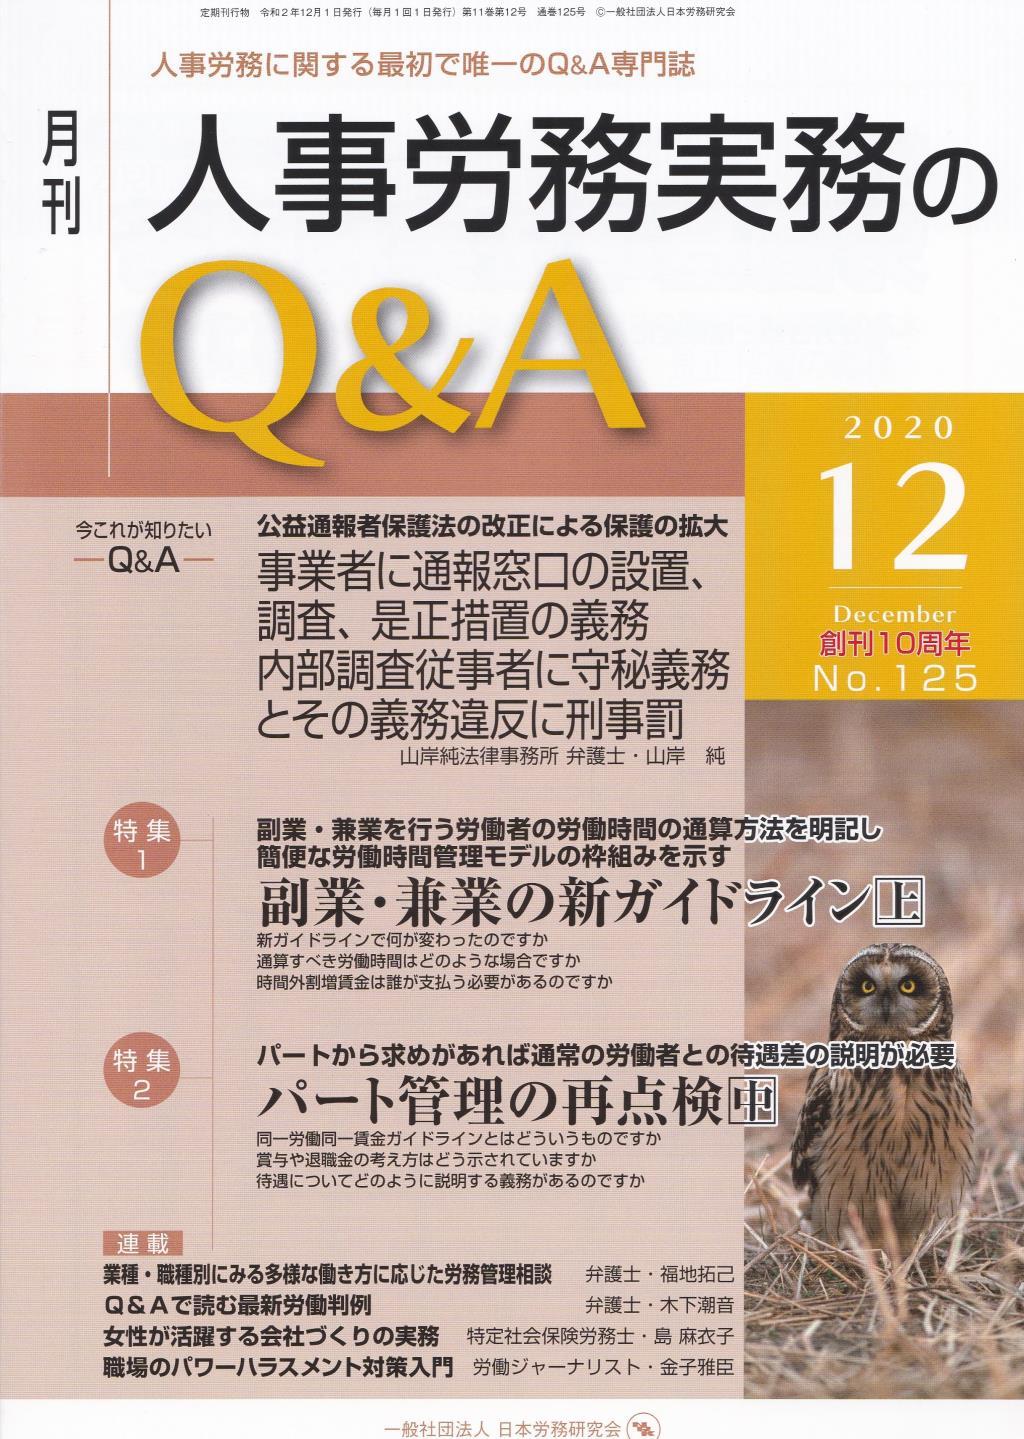 月刊 人事労務実務のQ&A 2020年12月号 No.125